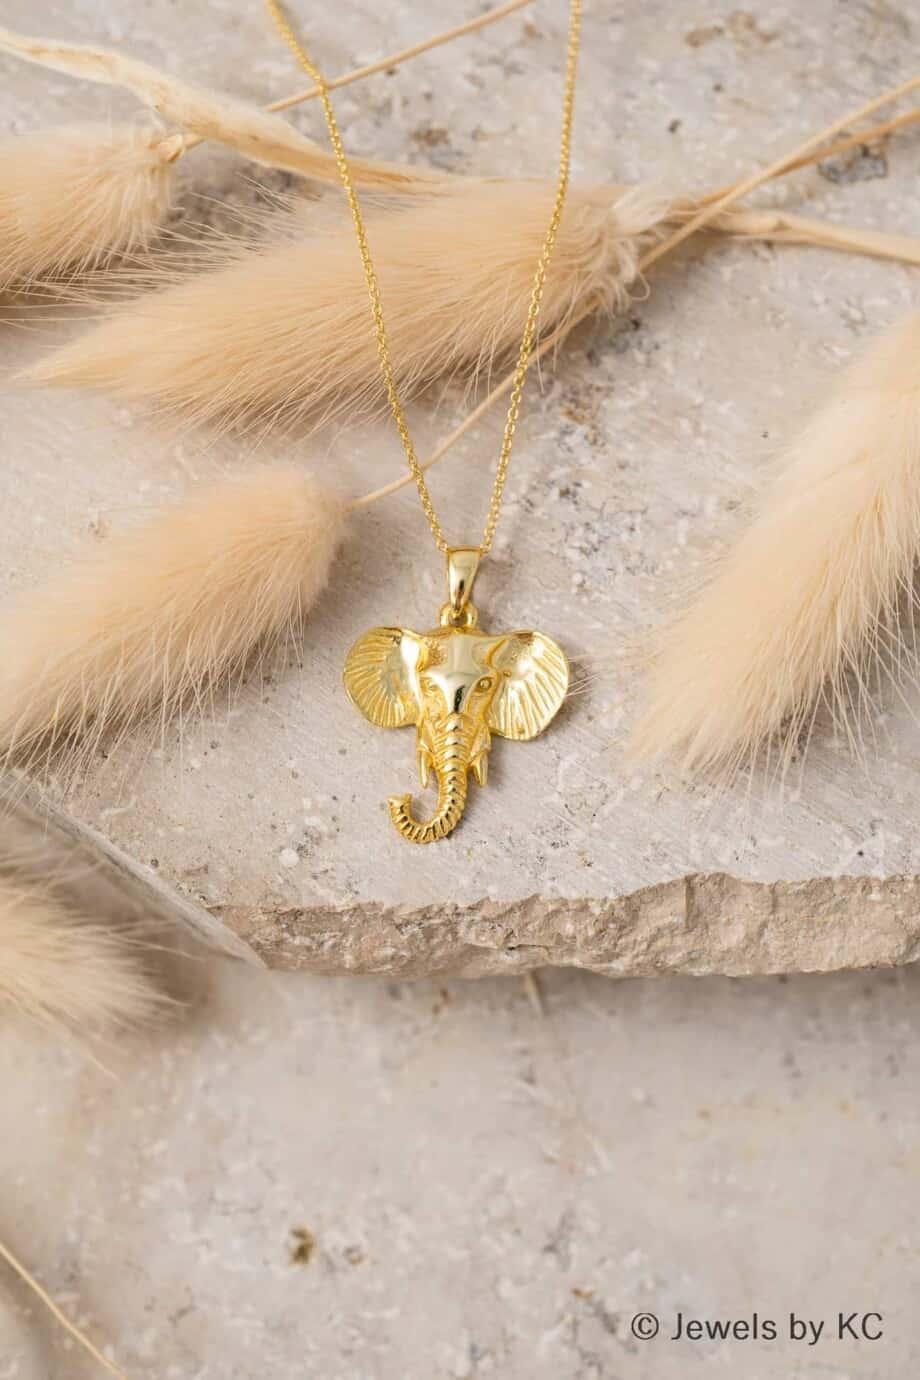 Gouden ketting met olifant hanger van Goud op Zilver